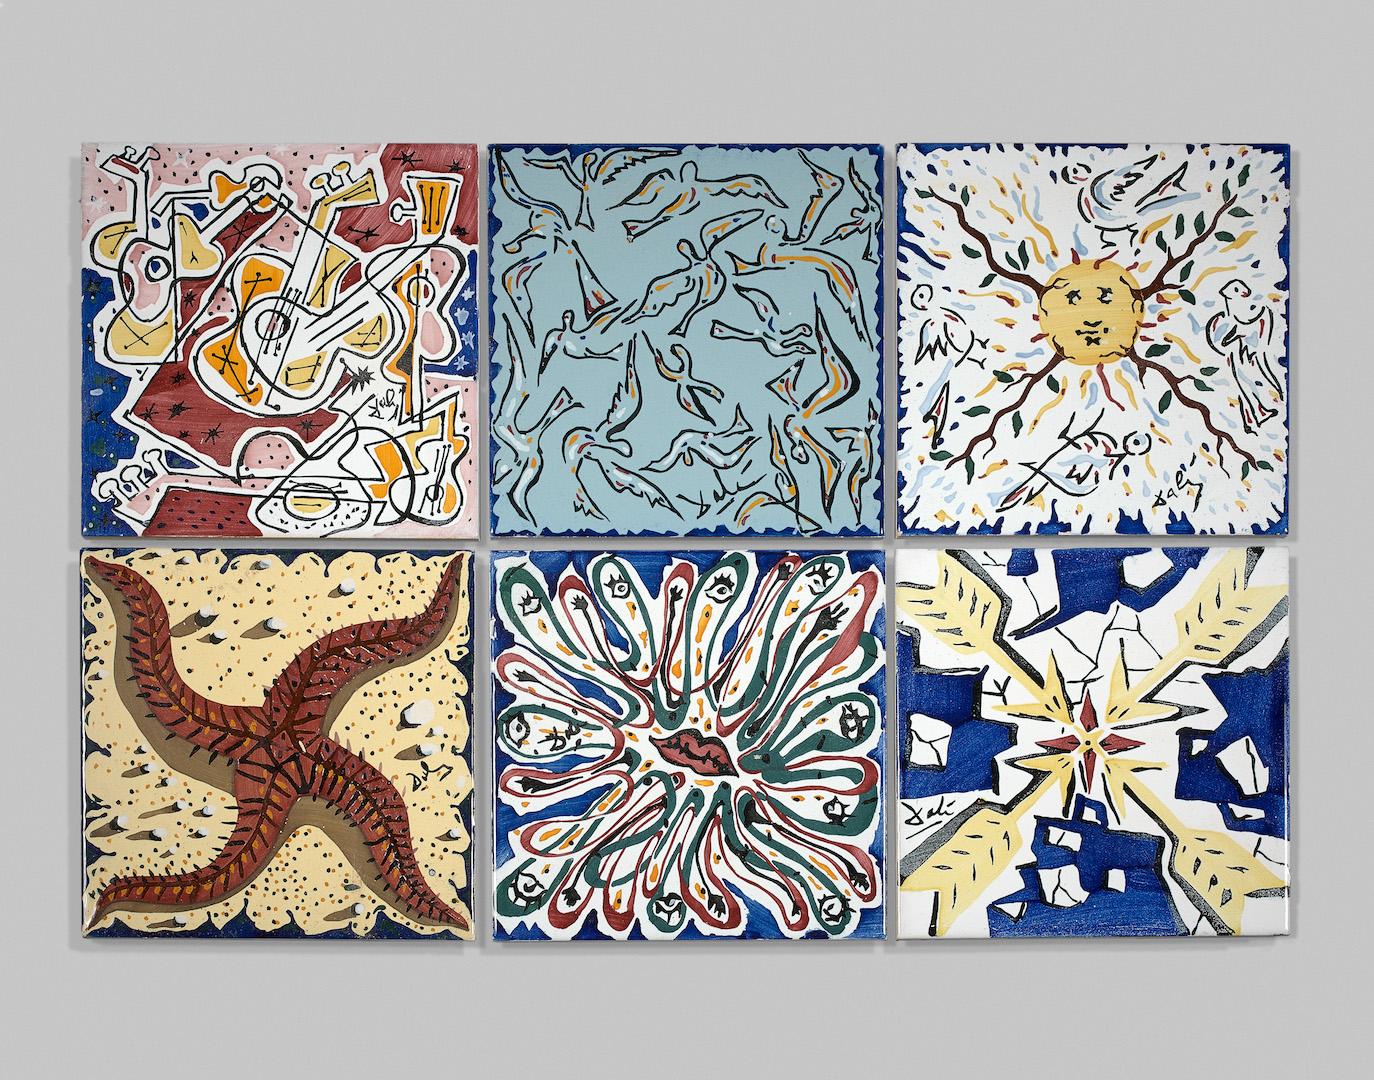 Dali carreaux de c ramique a vendre sur tableaux sculpture - Carreaux de ceramique ...